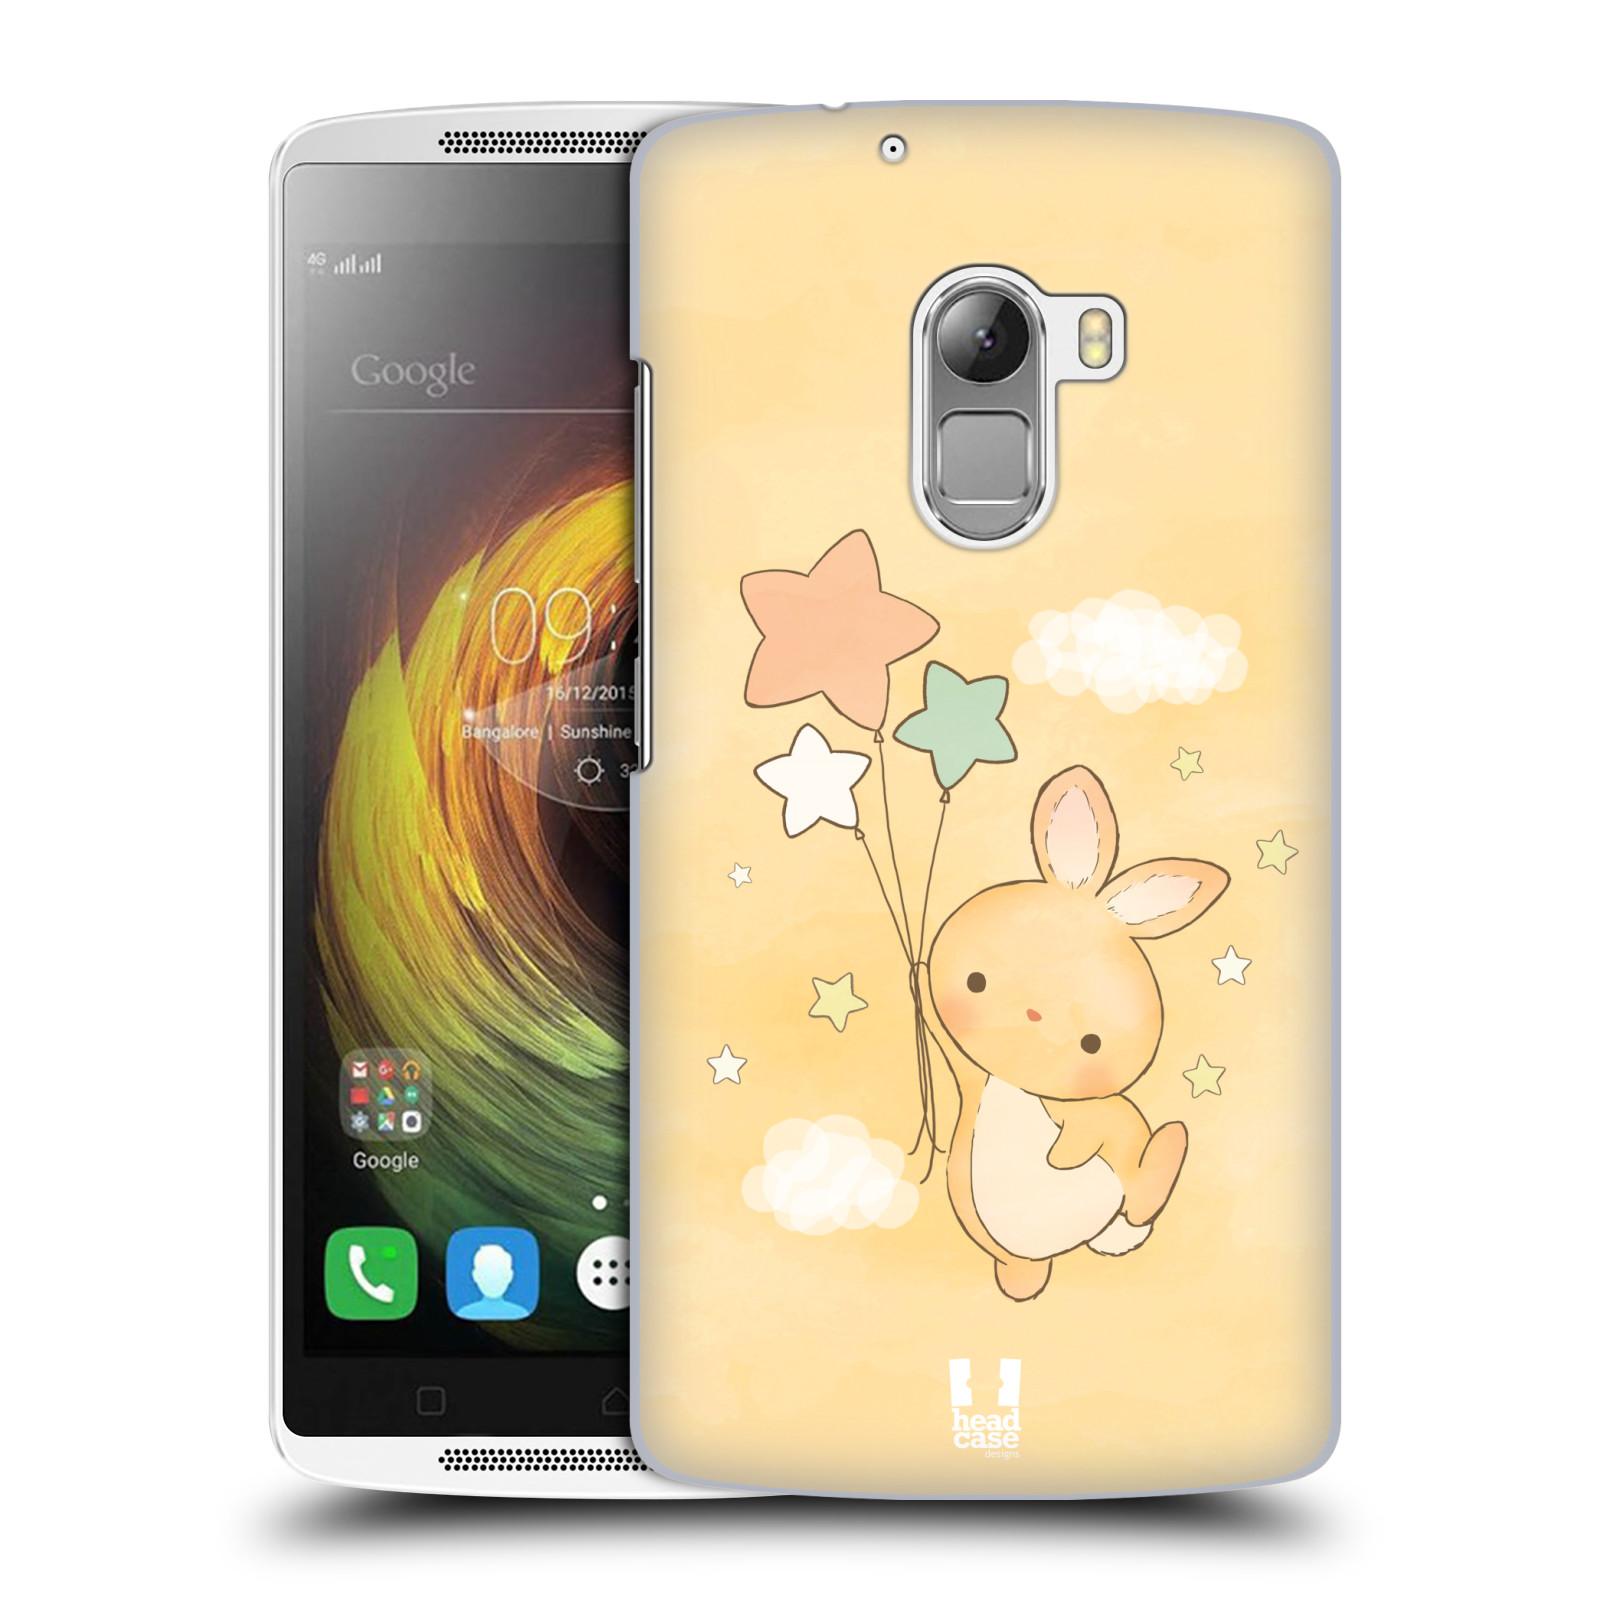 HEAD CASE pevný plastový obal na mobil LENOVO A7010 / A7010 DUAL / K4 Note / Vibe X3 lite vzor králíček a hvězdy žlutá